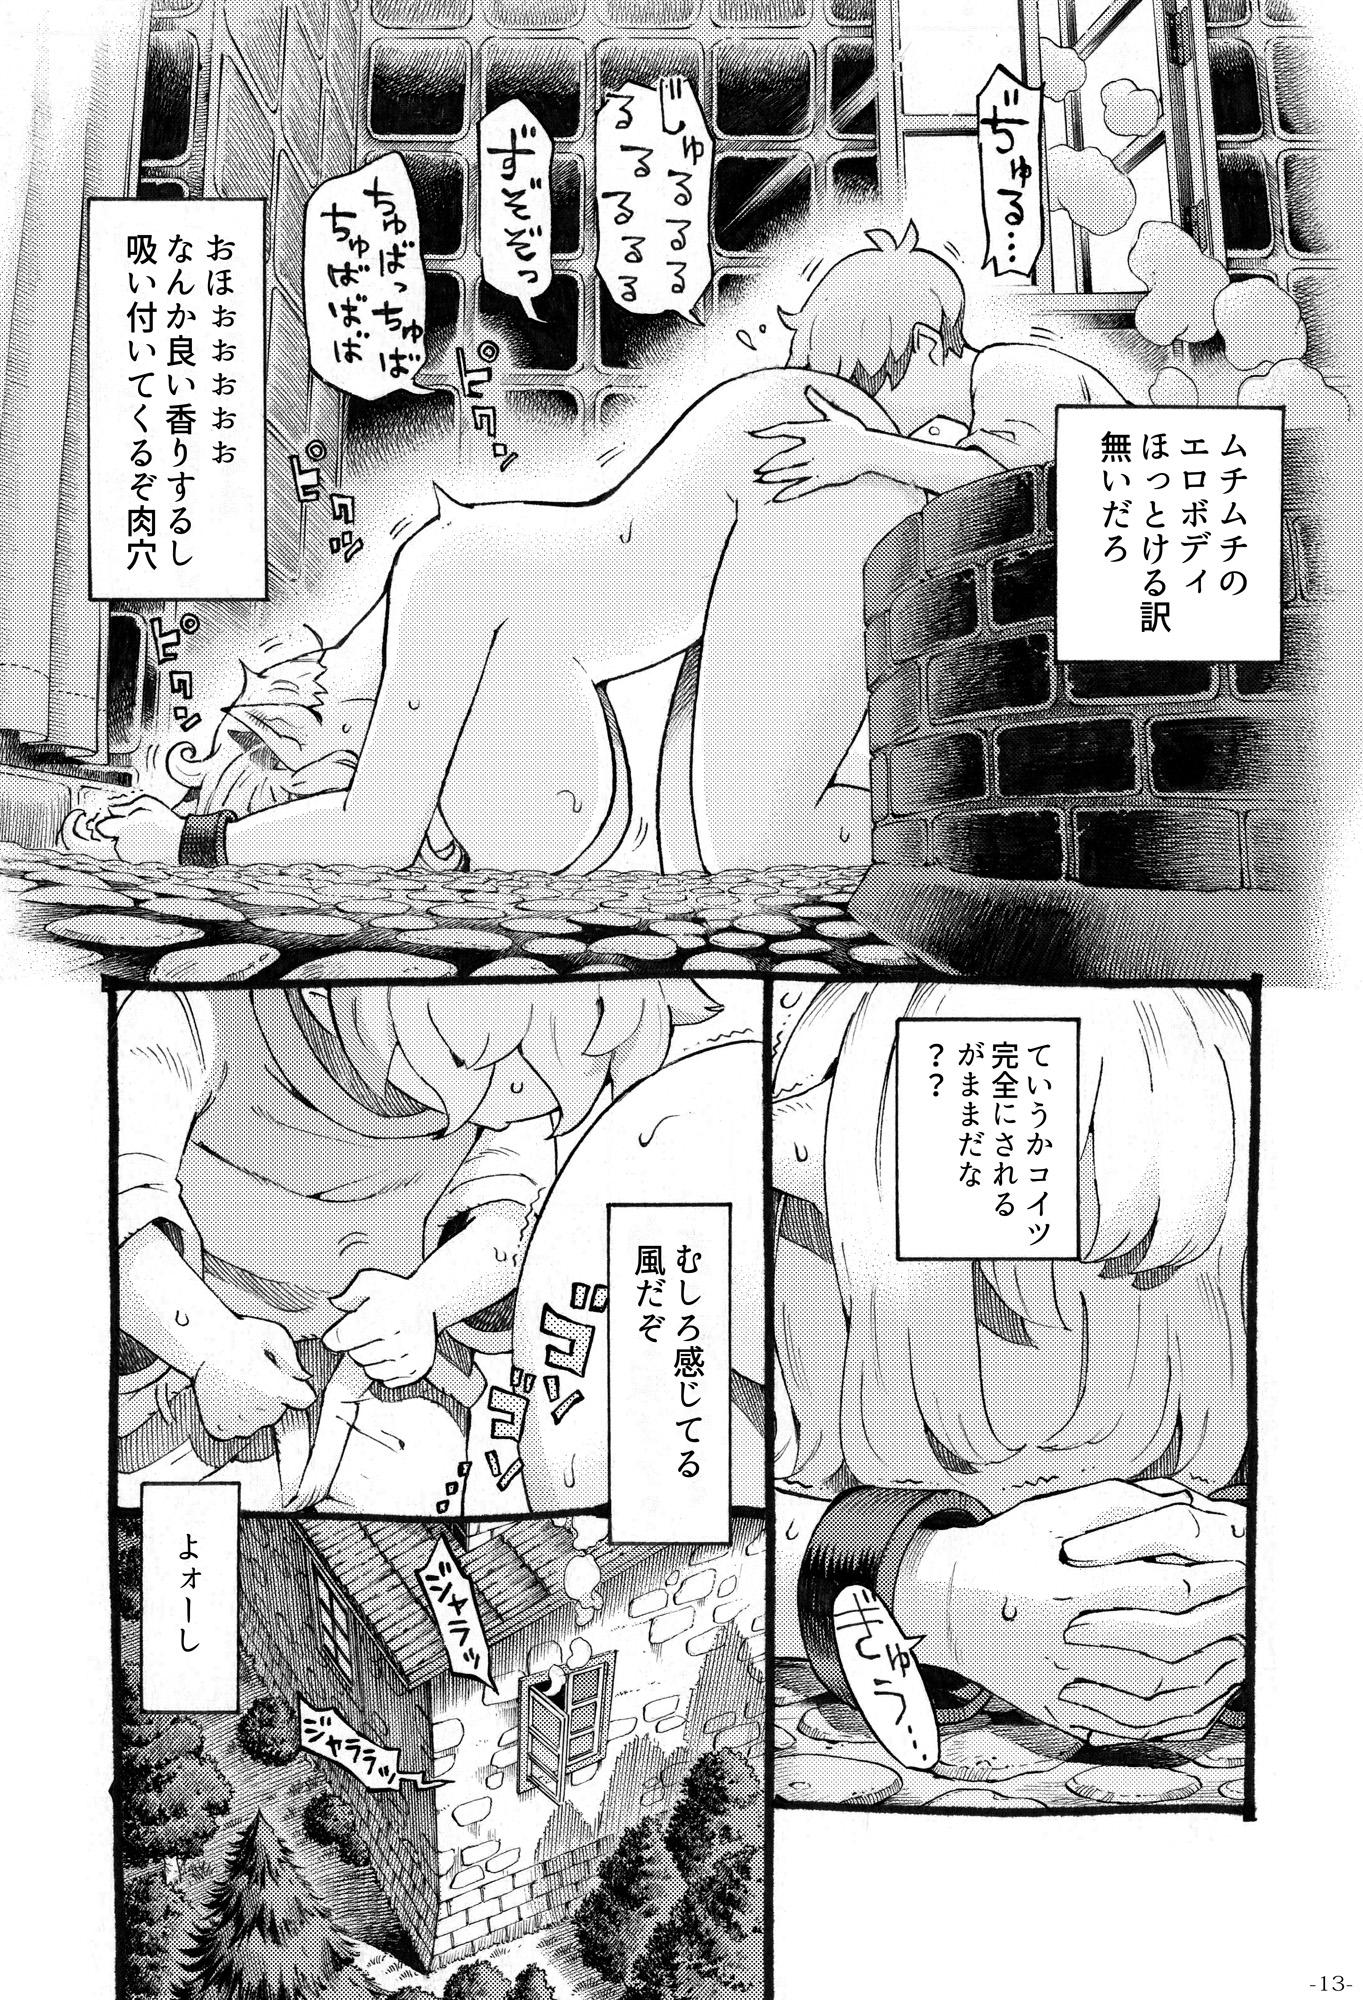 nishi noeruhu 0113